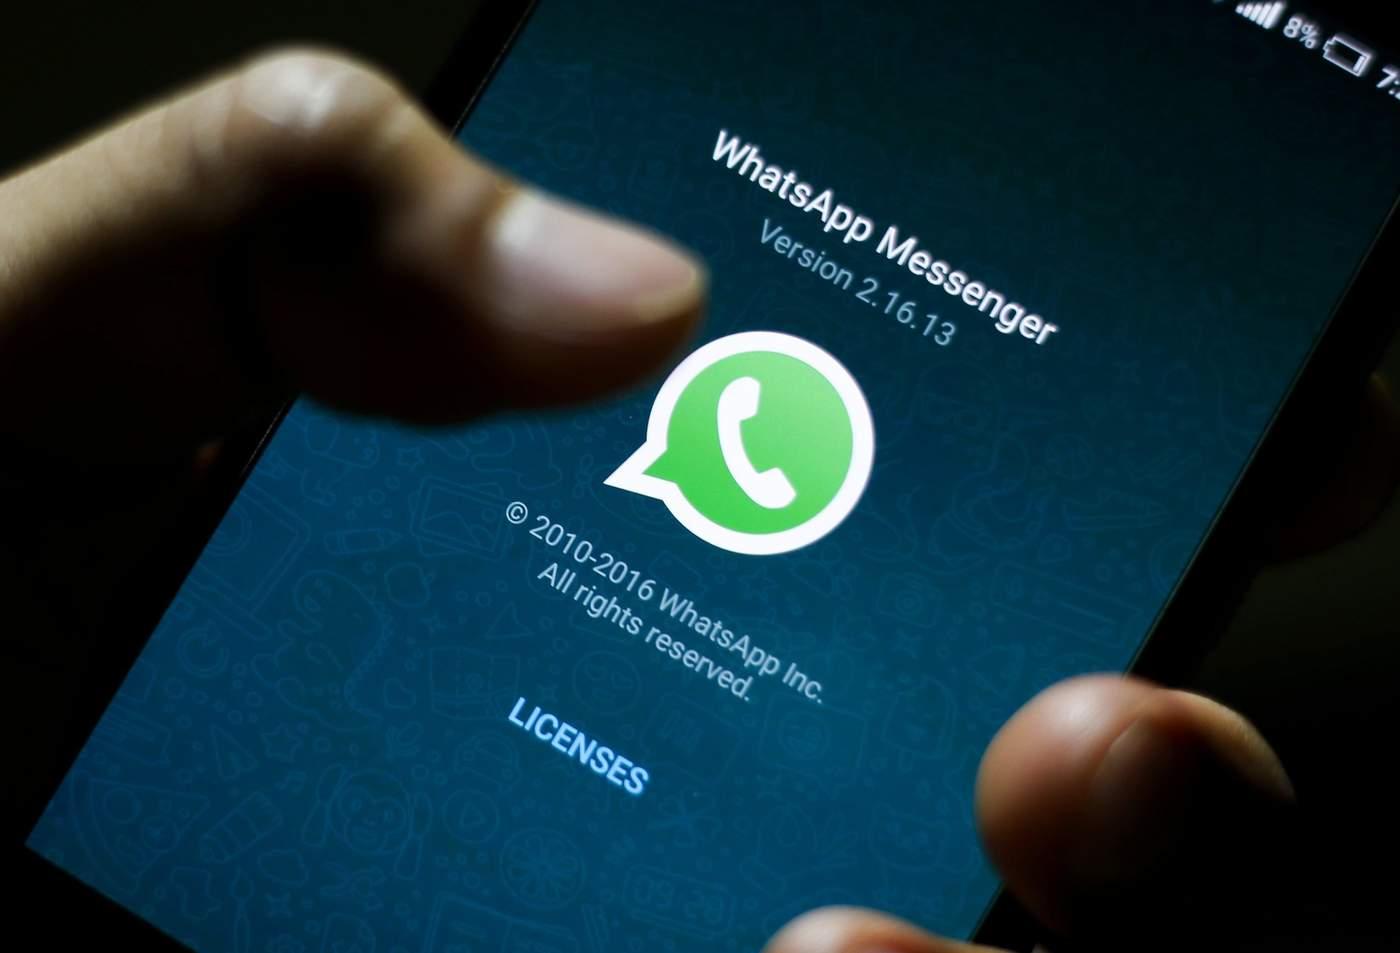 Usuarios de distintas partes del mundo reportaron problemas para acceder a la aplicación de mensajería de WhatsApp. (ARCHIVO)